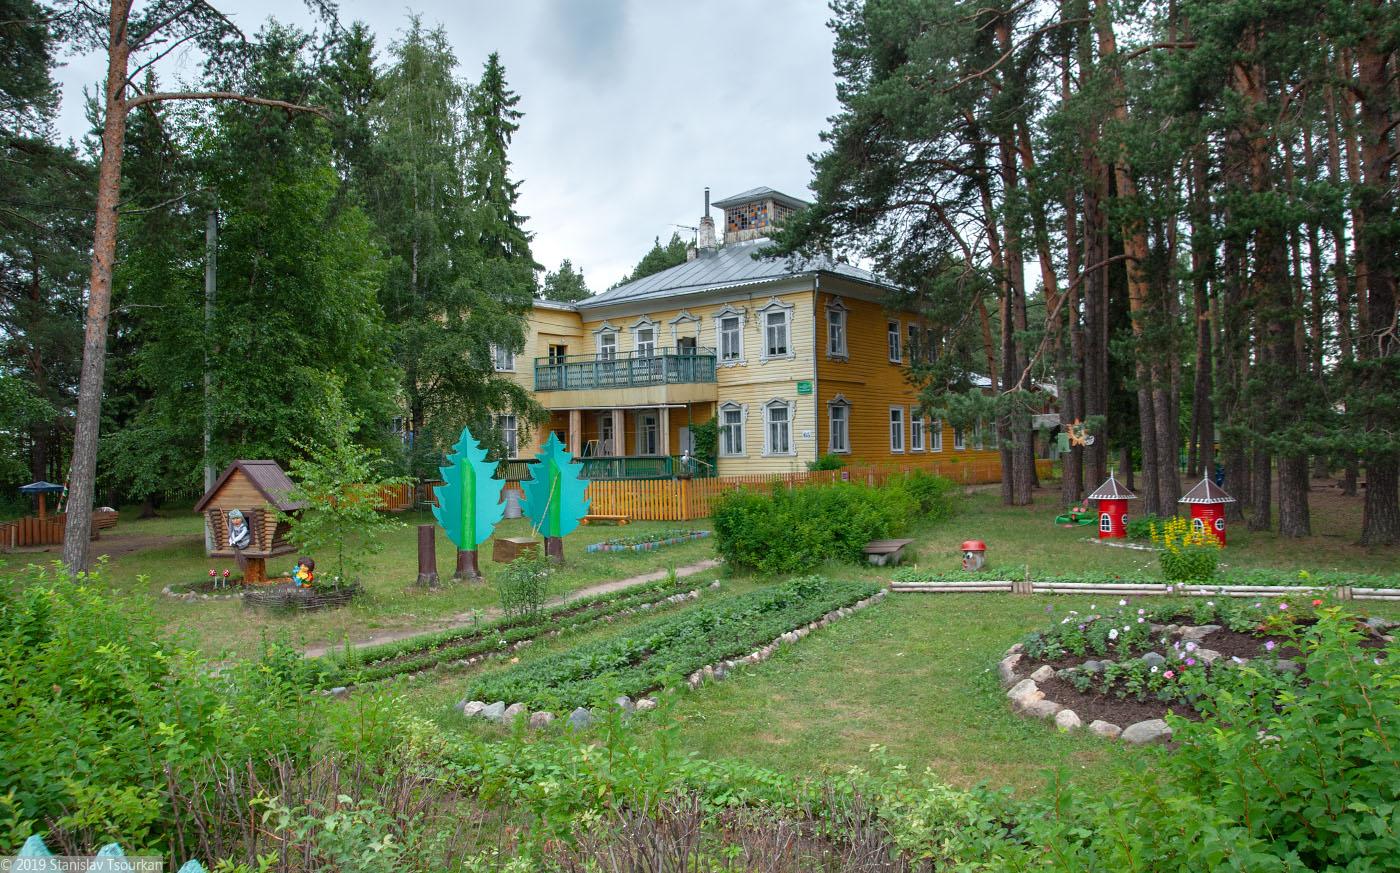 Вологодская область, Вологодчина, Великий устюг, Русский север, Великоустюгский детский противотуберкулёзный санаторий